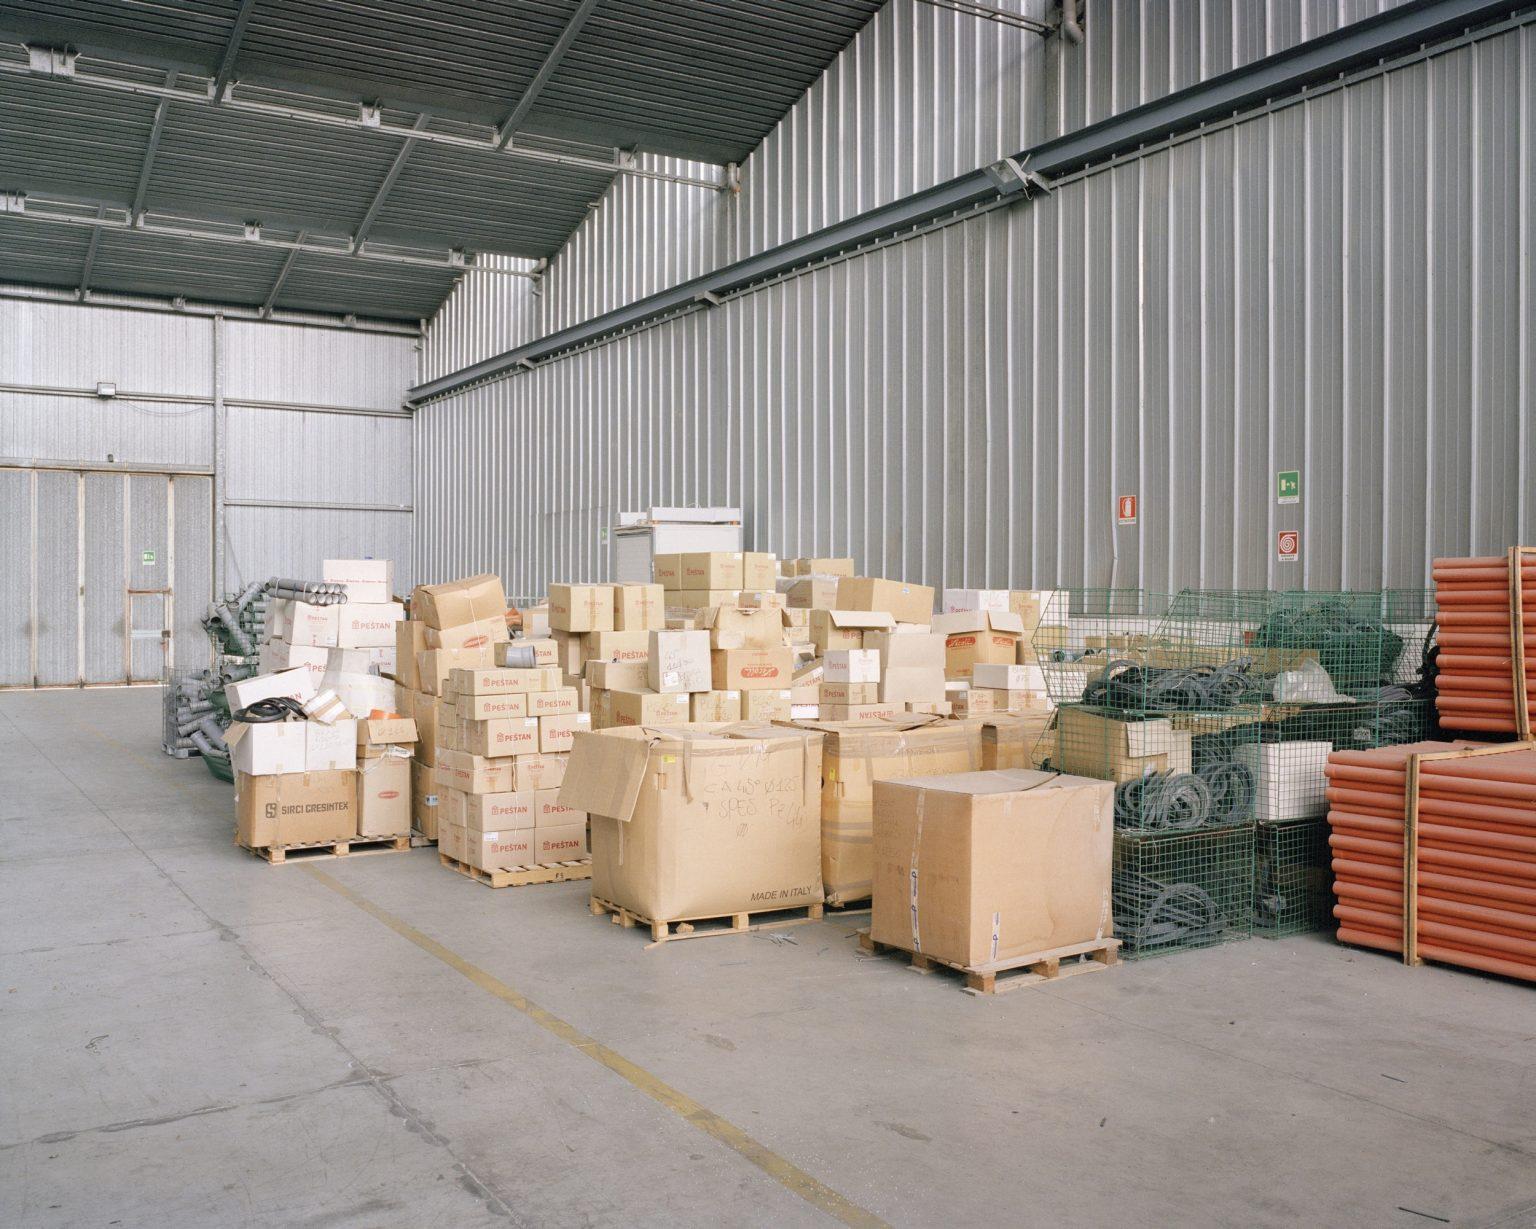 G.V.M, Certaldo (FI), 2015. Auction in III enchantment of property belonging to G.V.M., a company specialized in PVC pipes and profiles in Certaldo. >< G.V.M, Certaldo (FI), 2015. Vendita all'asta in III incanto dei beni appartenenti al fallimento G.V.M., azienda specializzata in tubi e profilati in PVC.